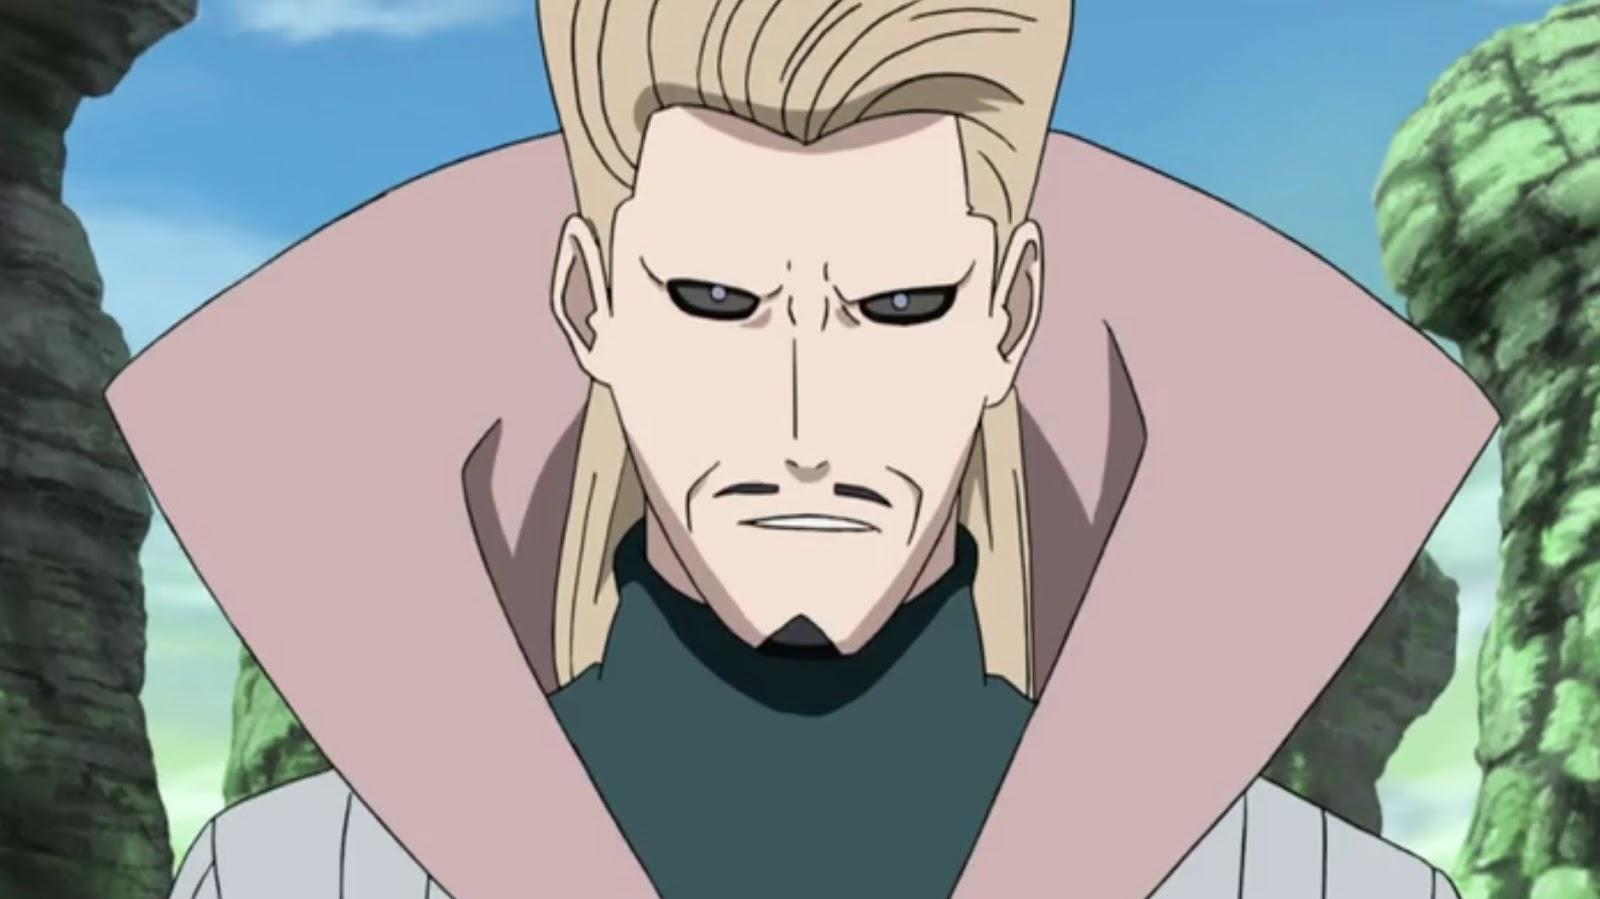 Naruto Shippuden: Episódio 300 – O Mizukage, O Marisco Gigante e as Miragens!